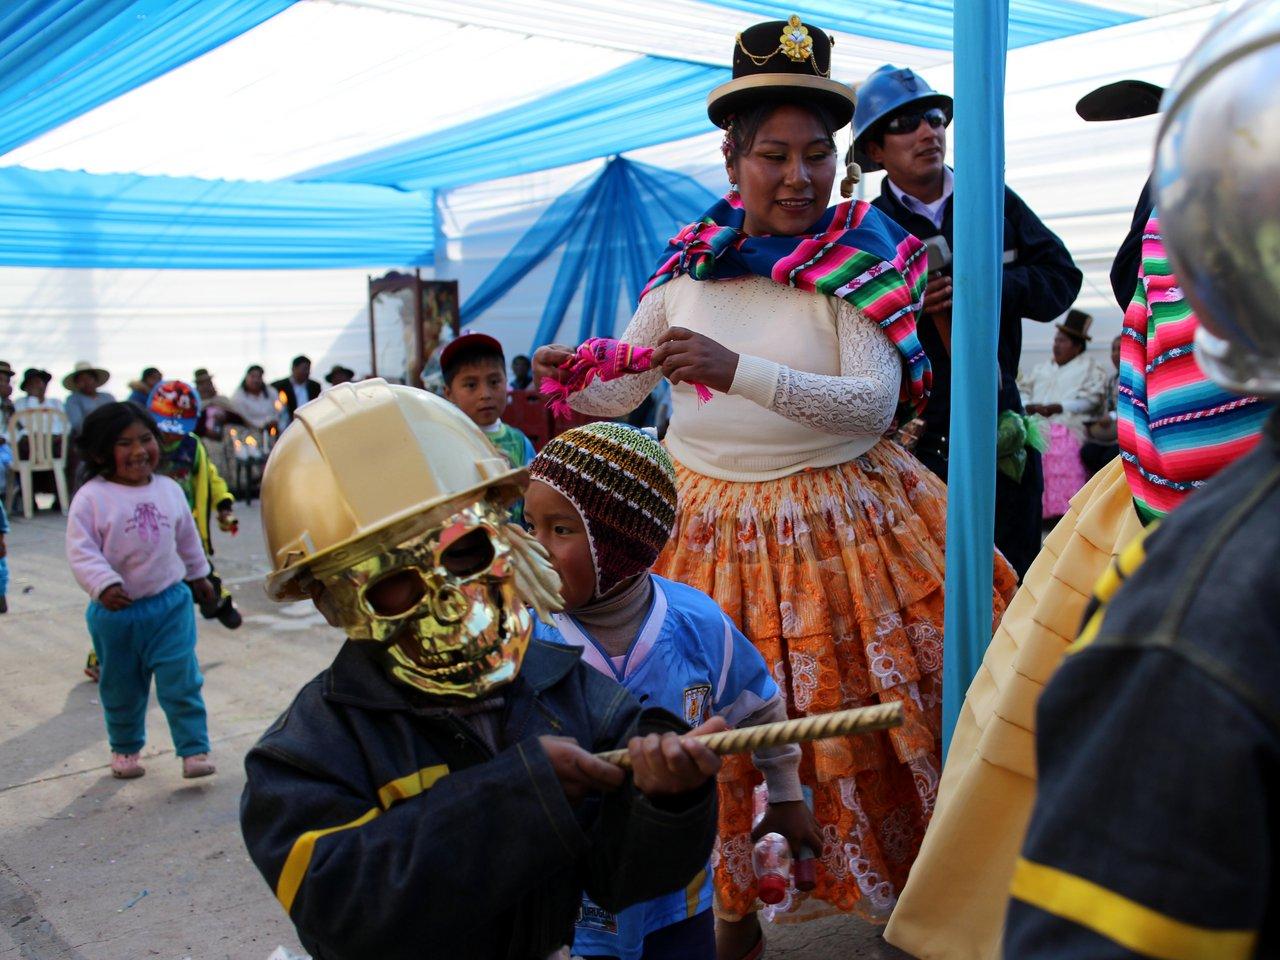 lago titicaca fai da te: festa di quartiere a puno